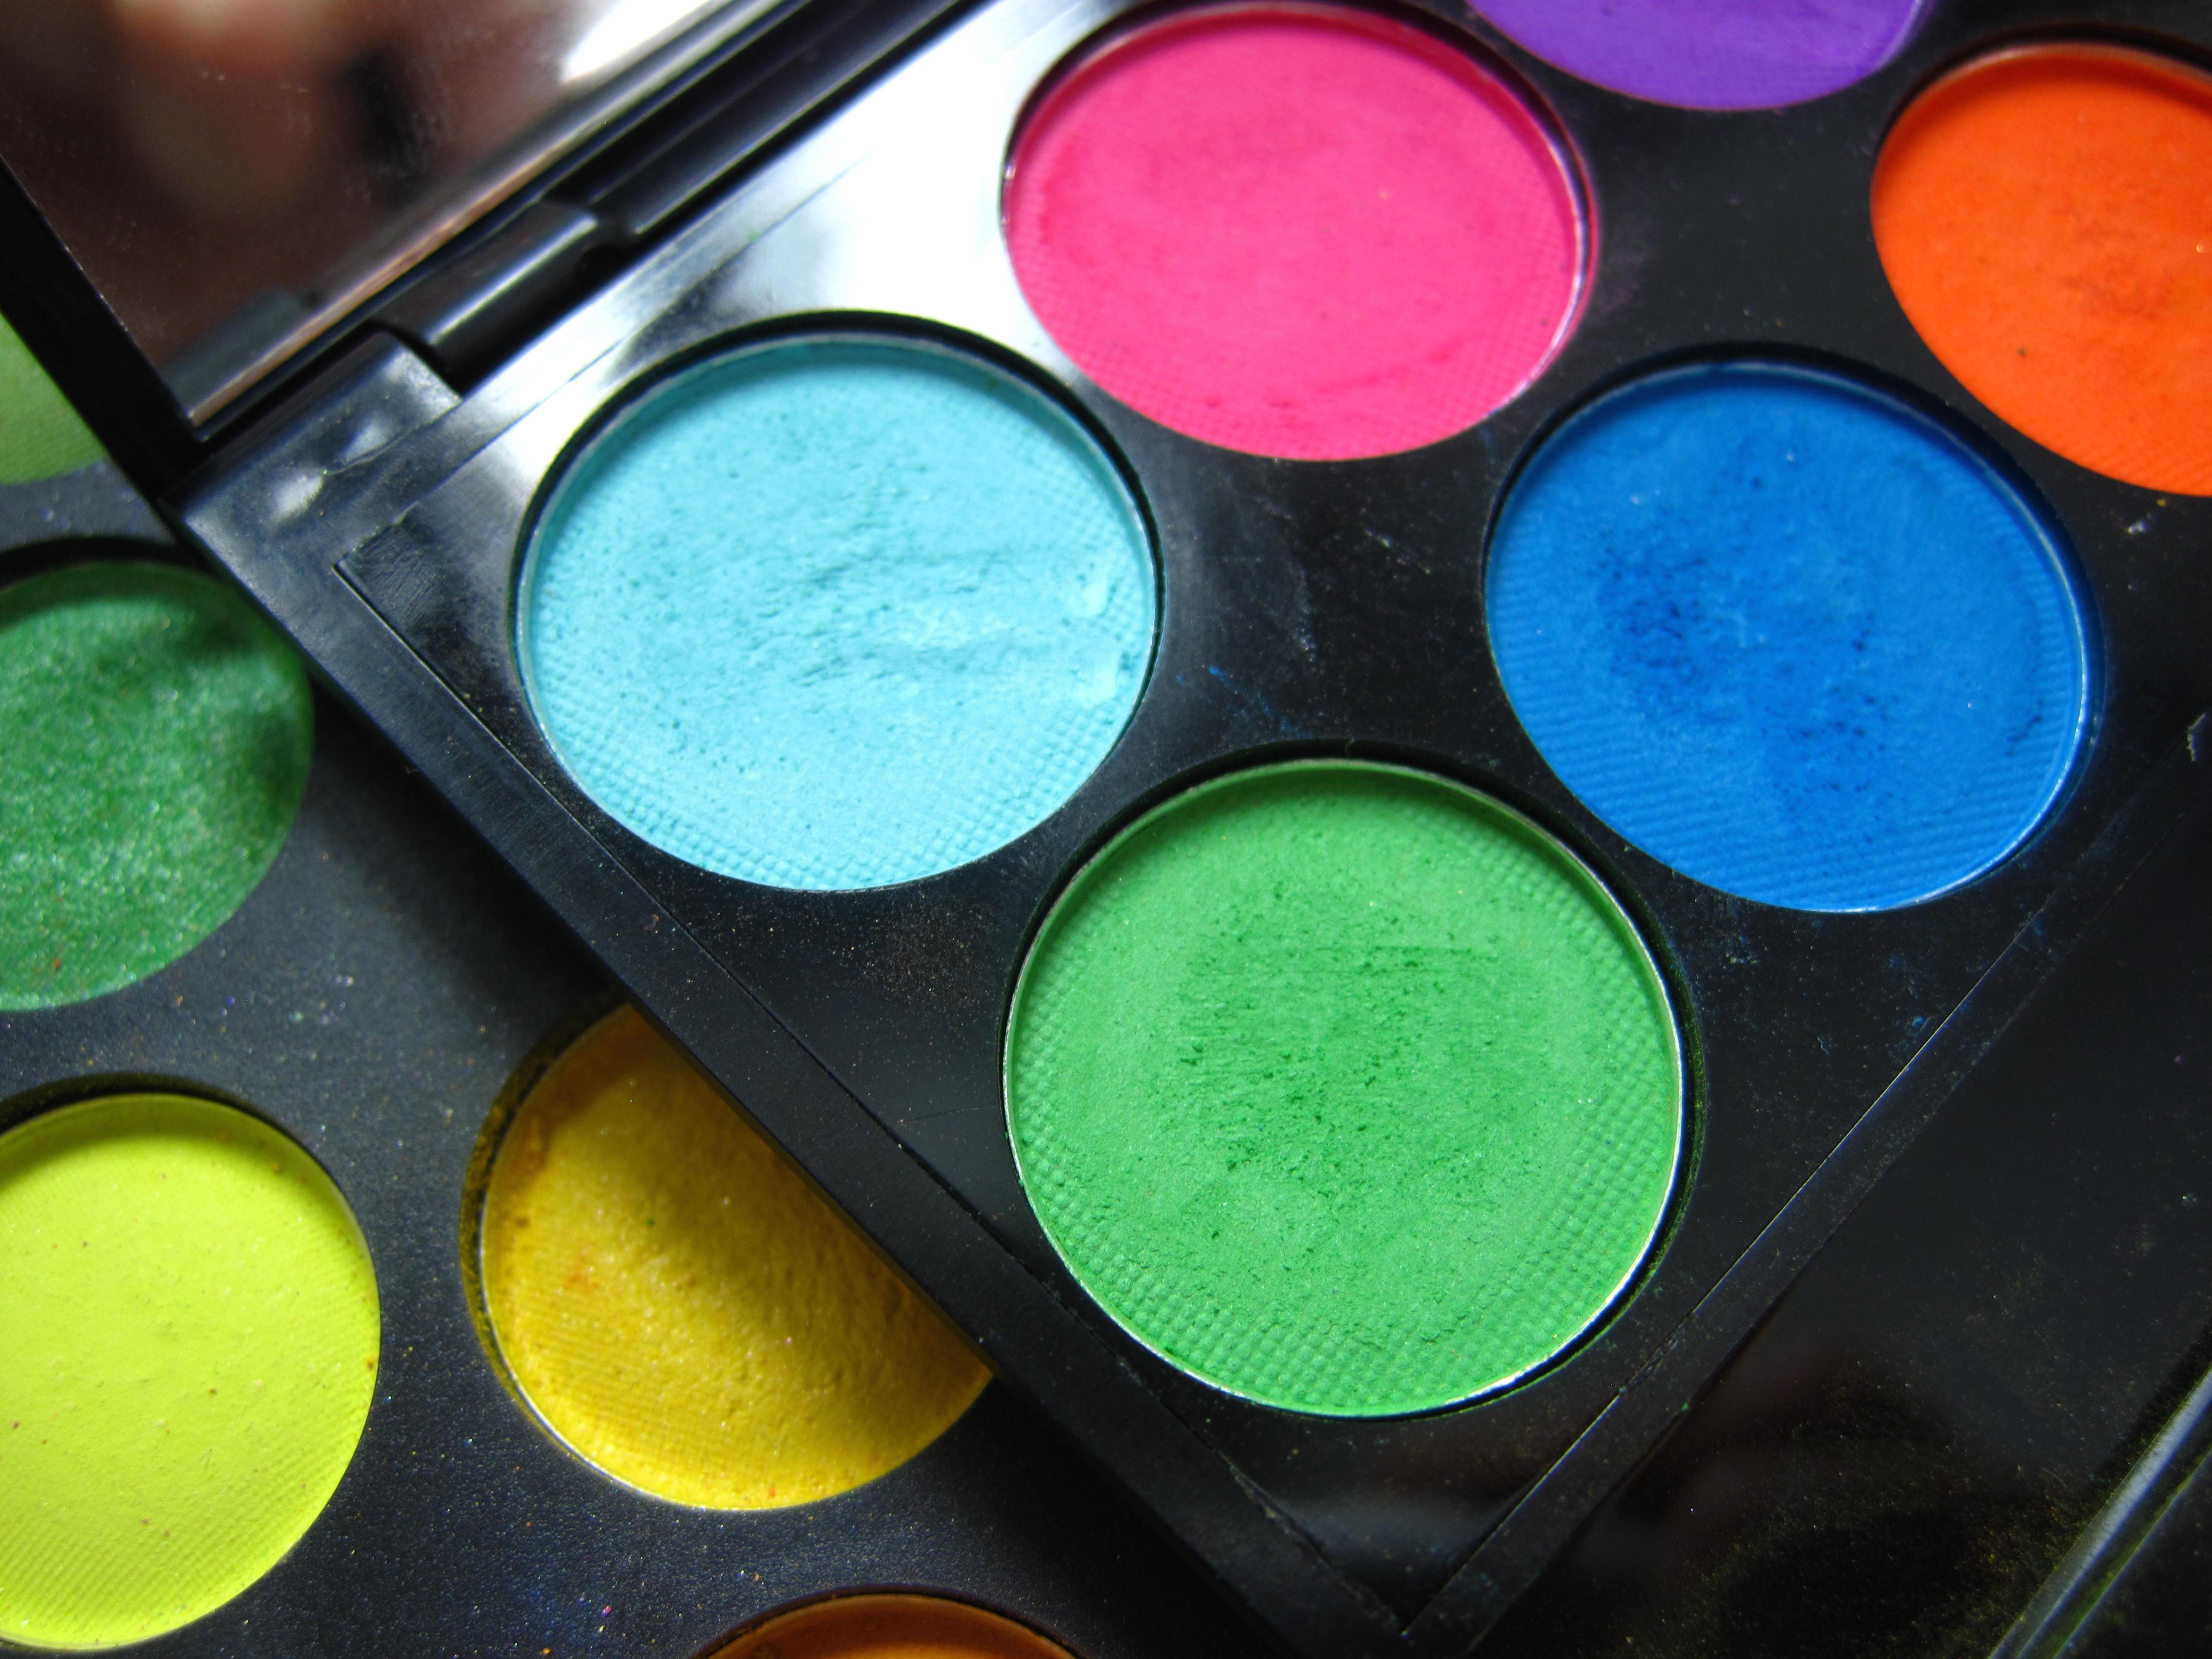 9 Sleek Primer & Ultra Mattes 1 Palette - Nagelfabriek